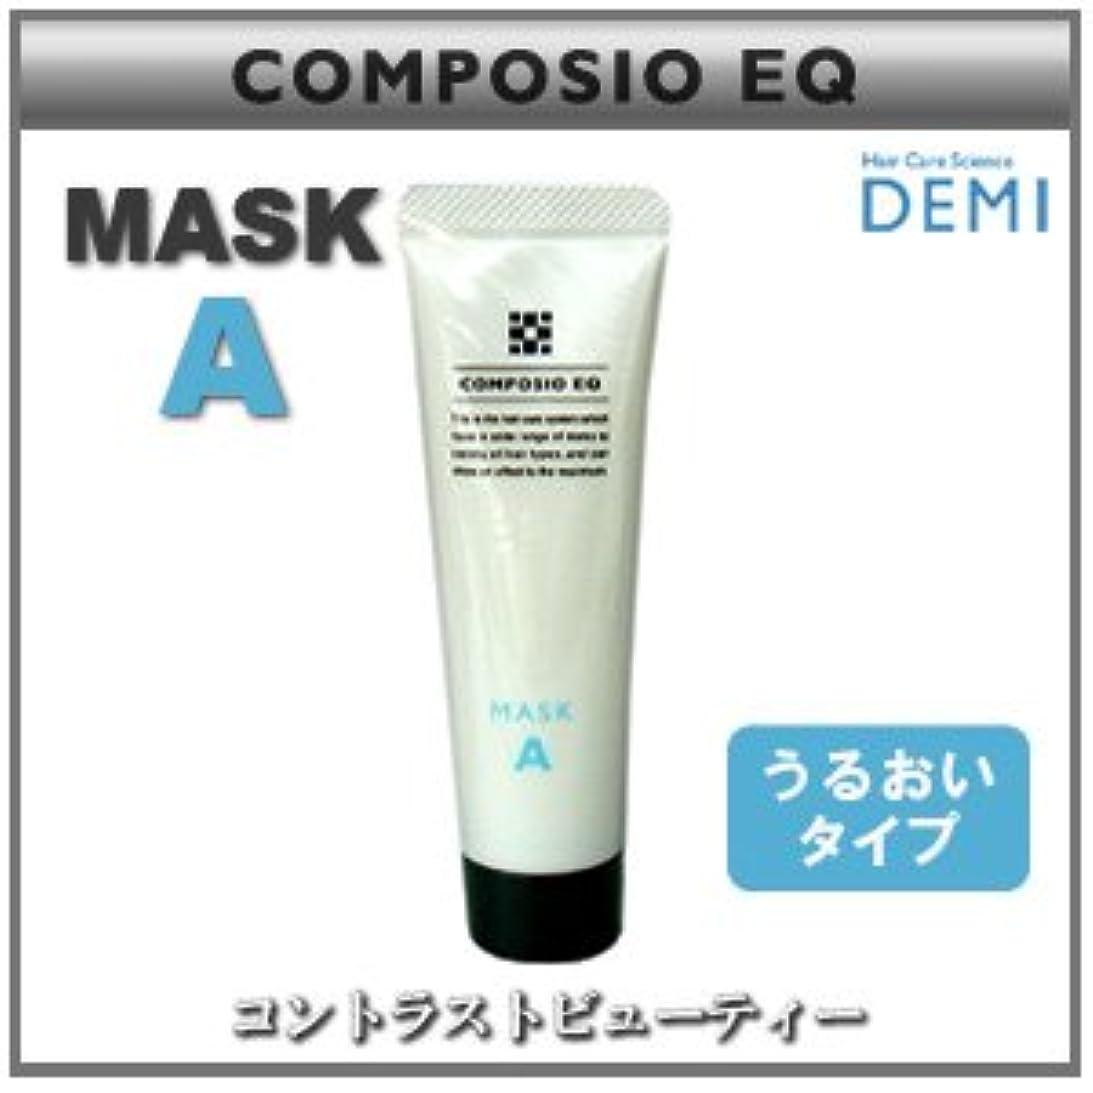 口頭それに応じて人口【X2個セット】 デミ コンポジオ EQ マスク A 50g